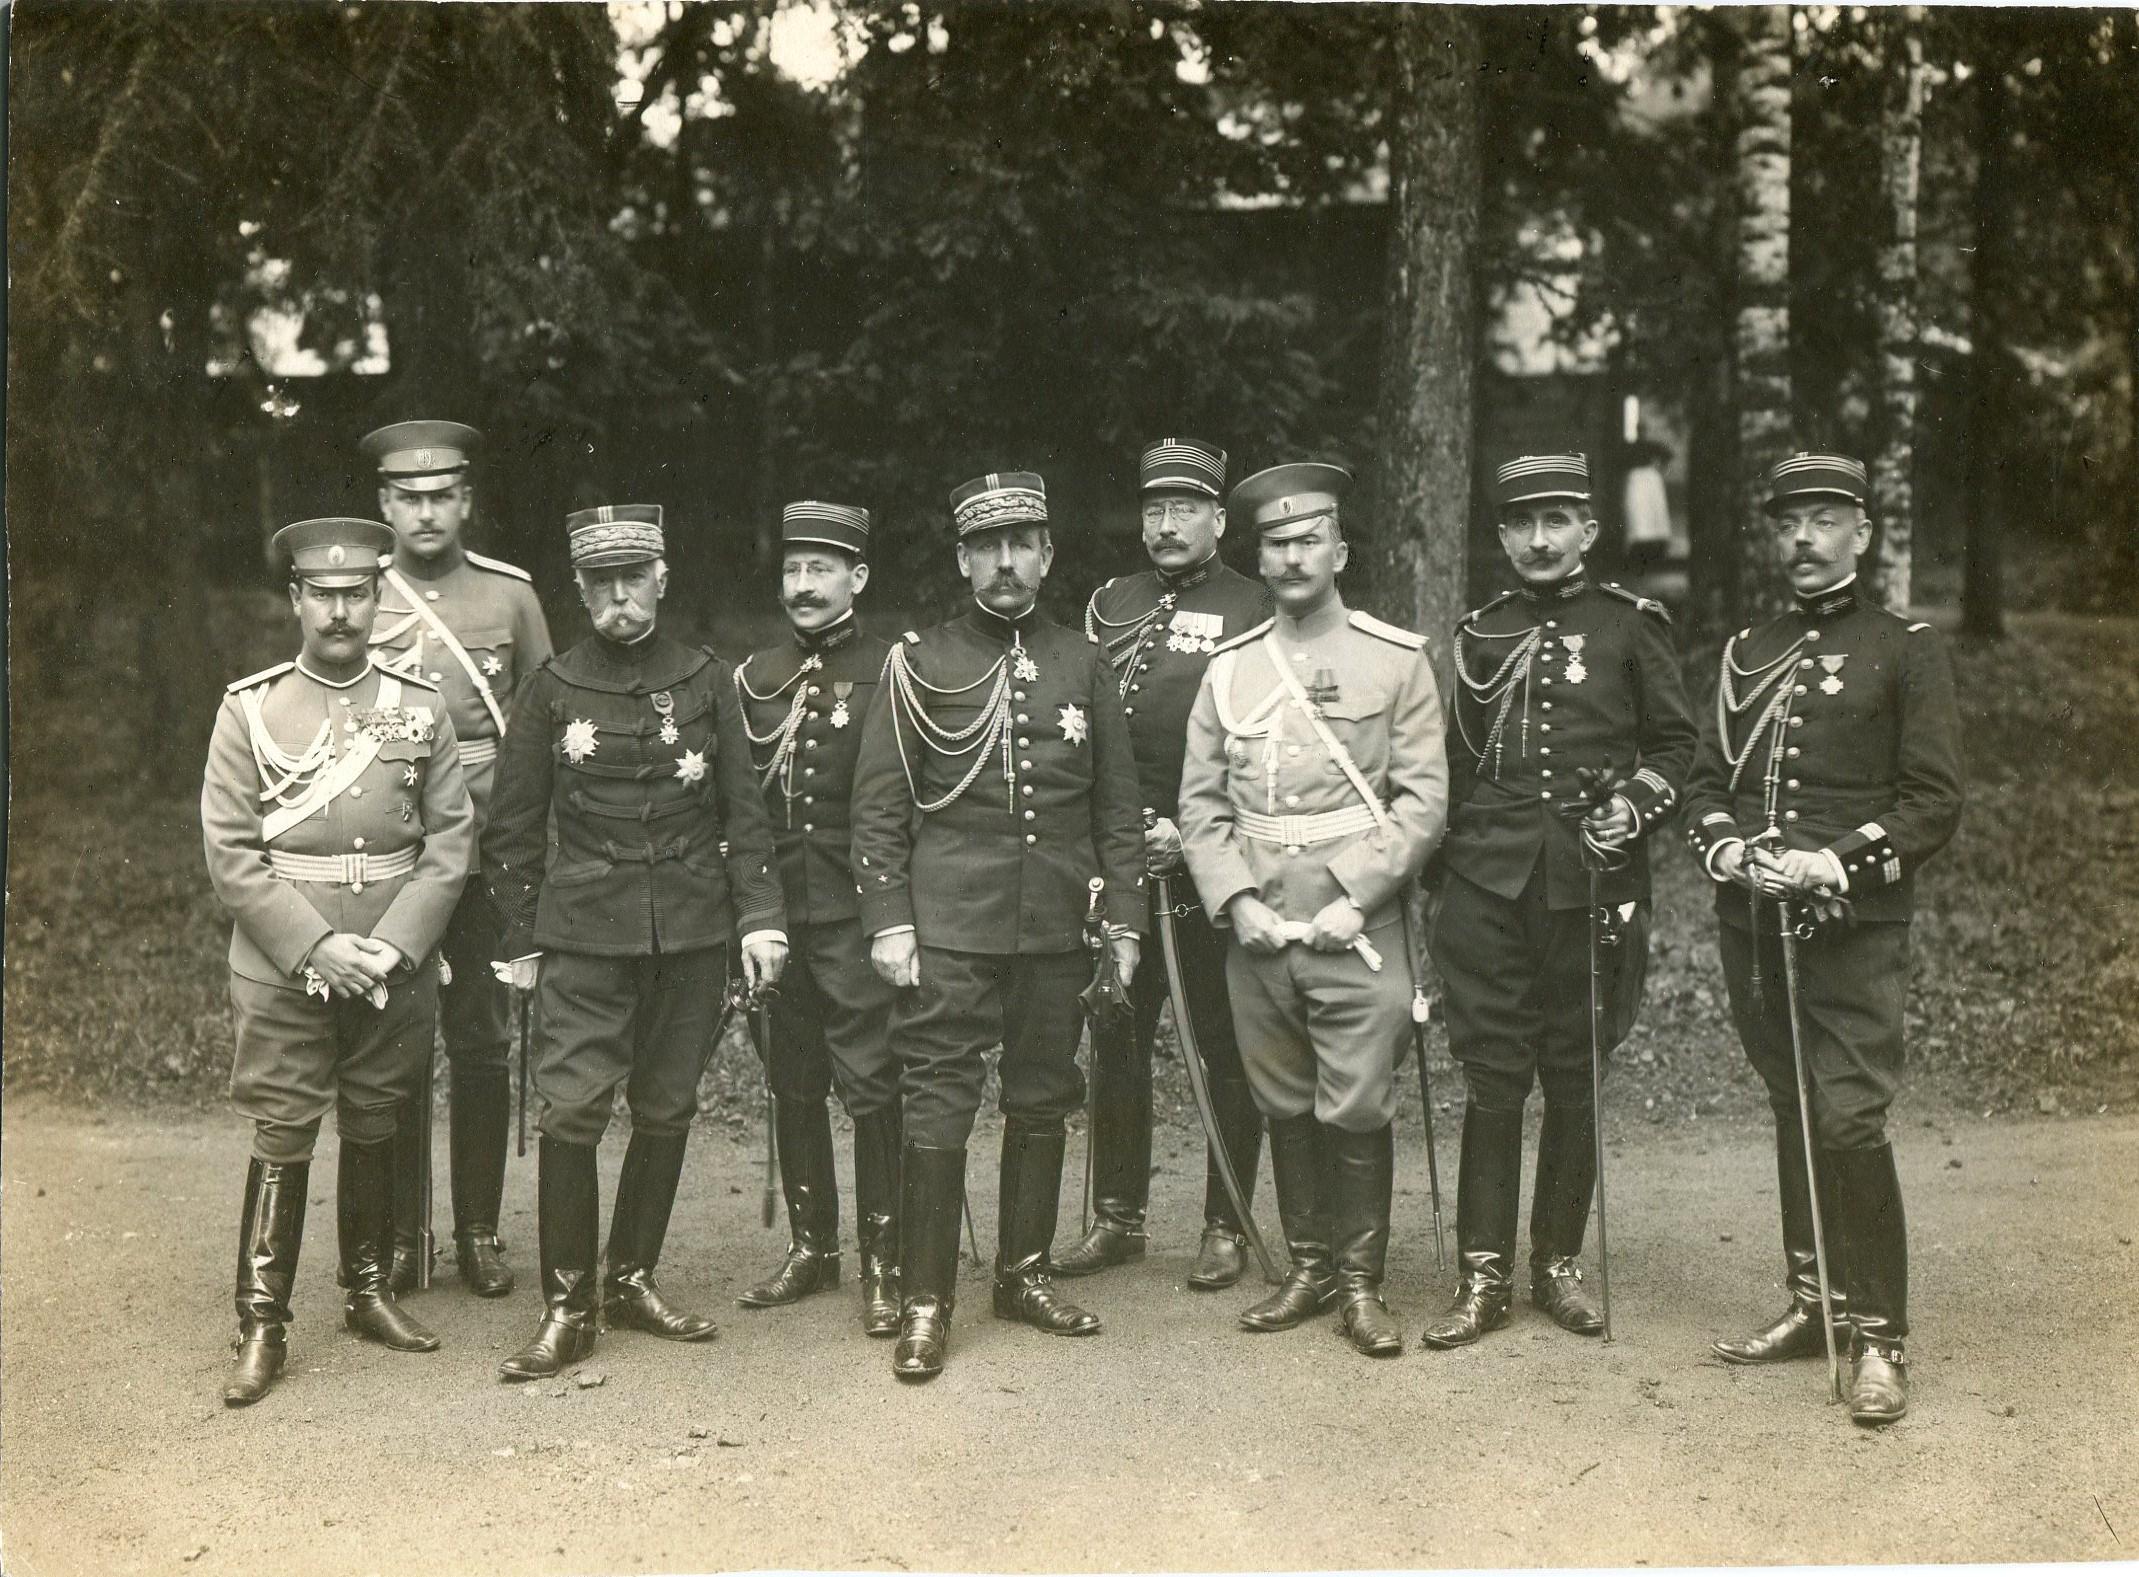 Фотография с группой русских и французских офицеров с саблями кавалерийскими